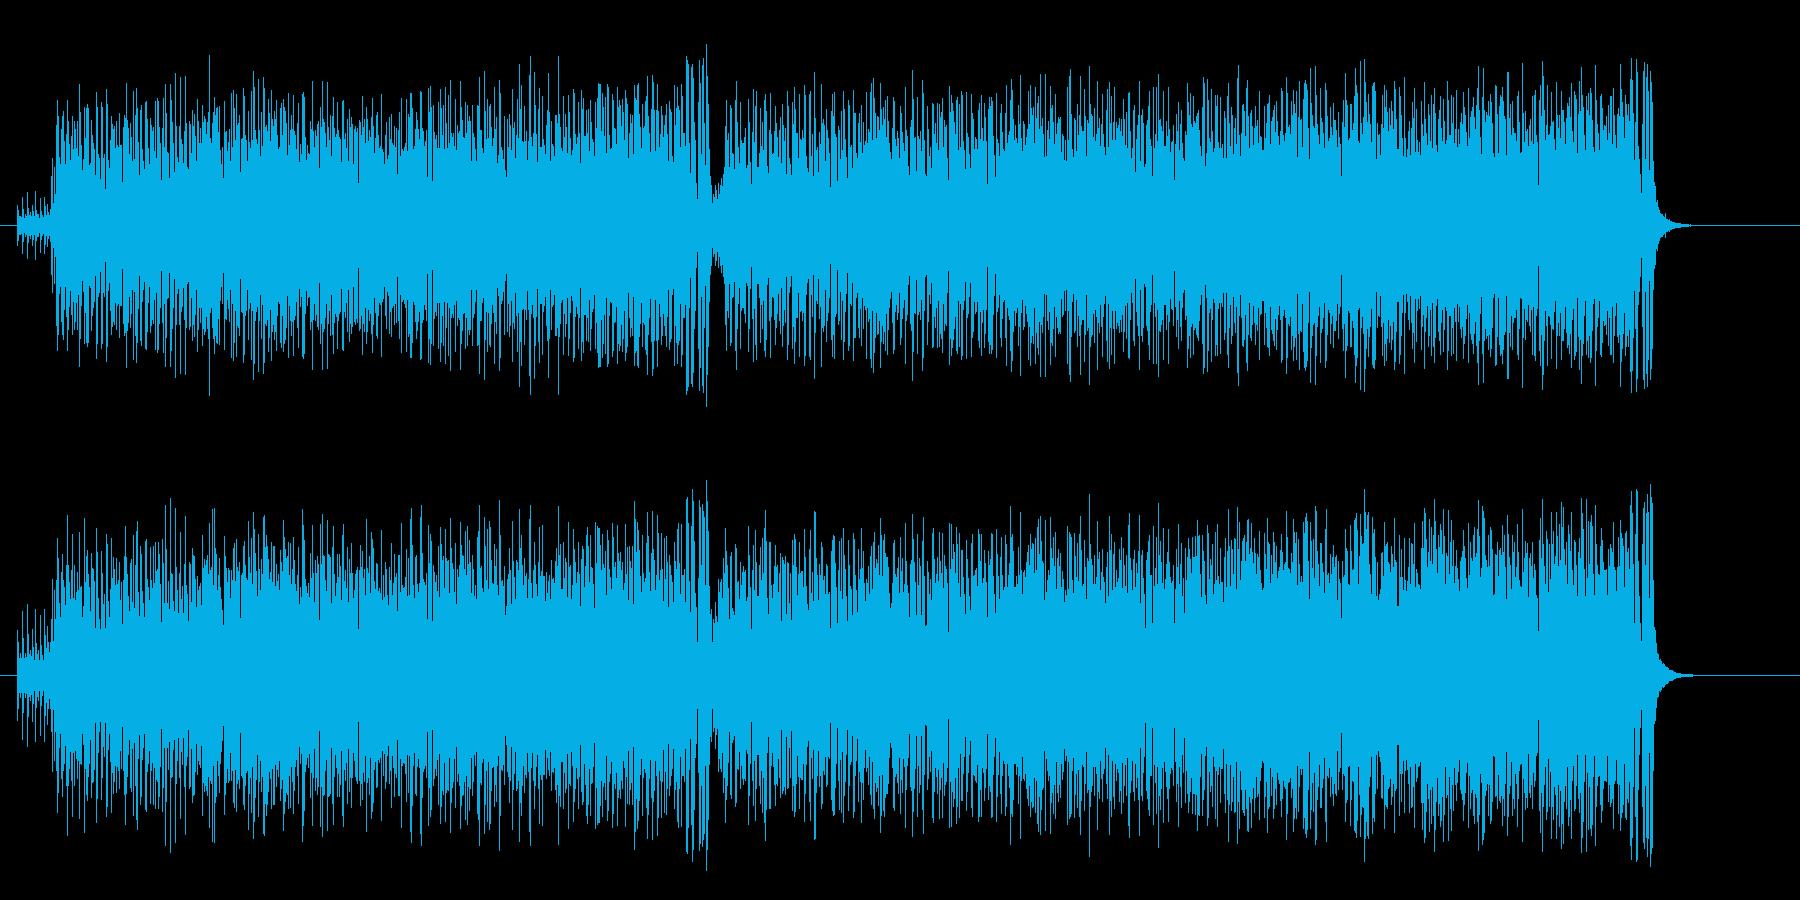 どたばたコメディー調アップテンポなサンバの再生済みの波形